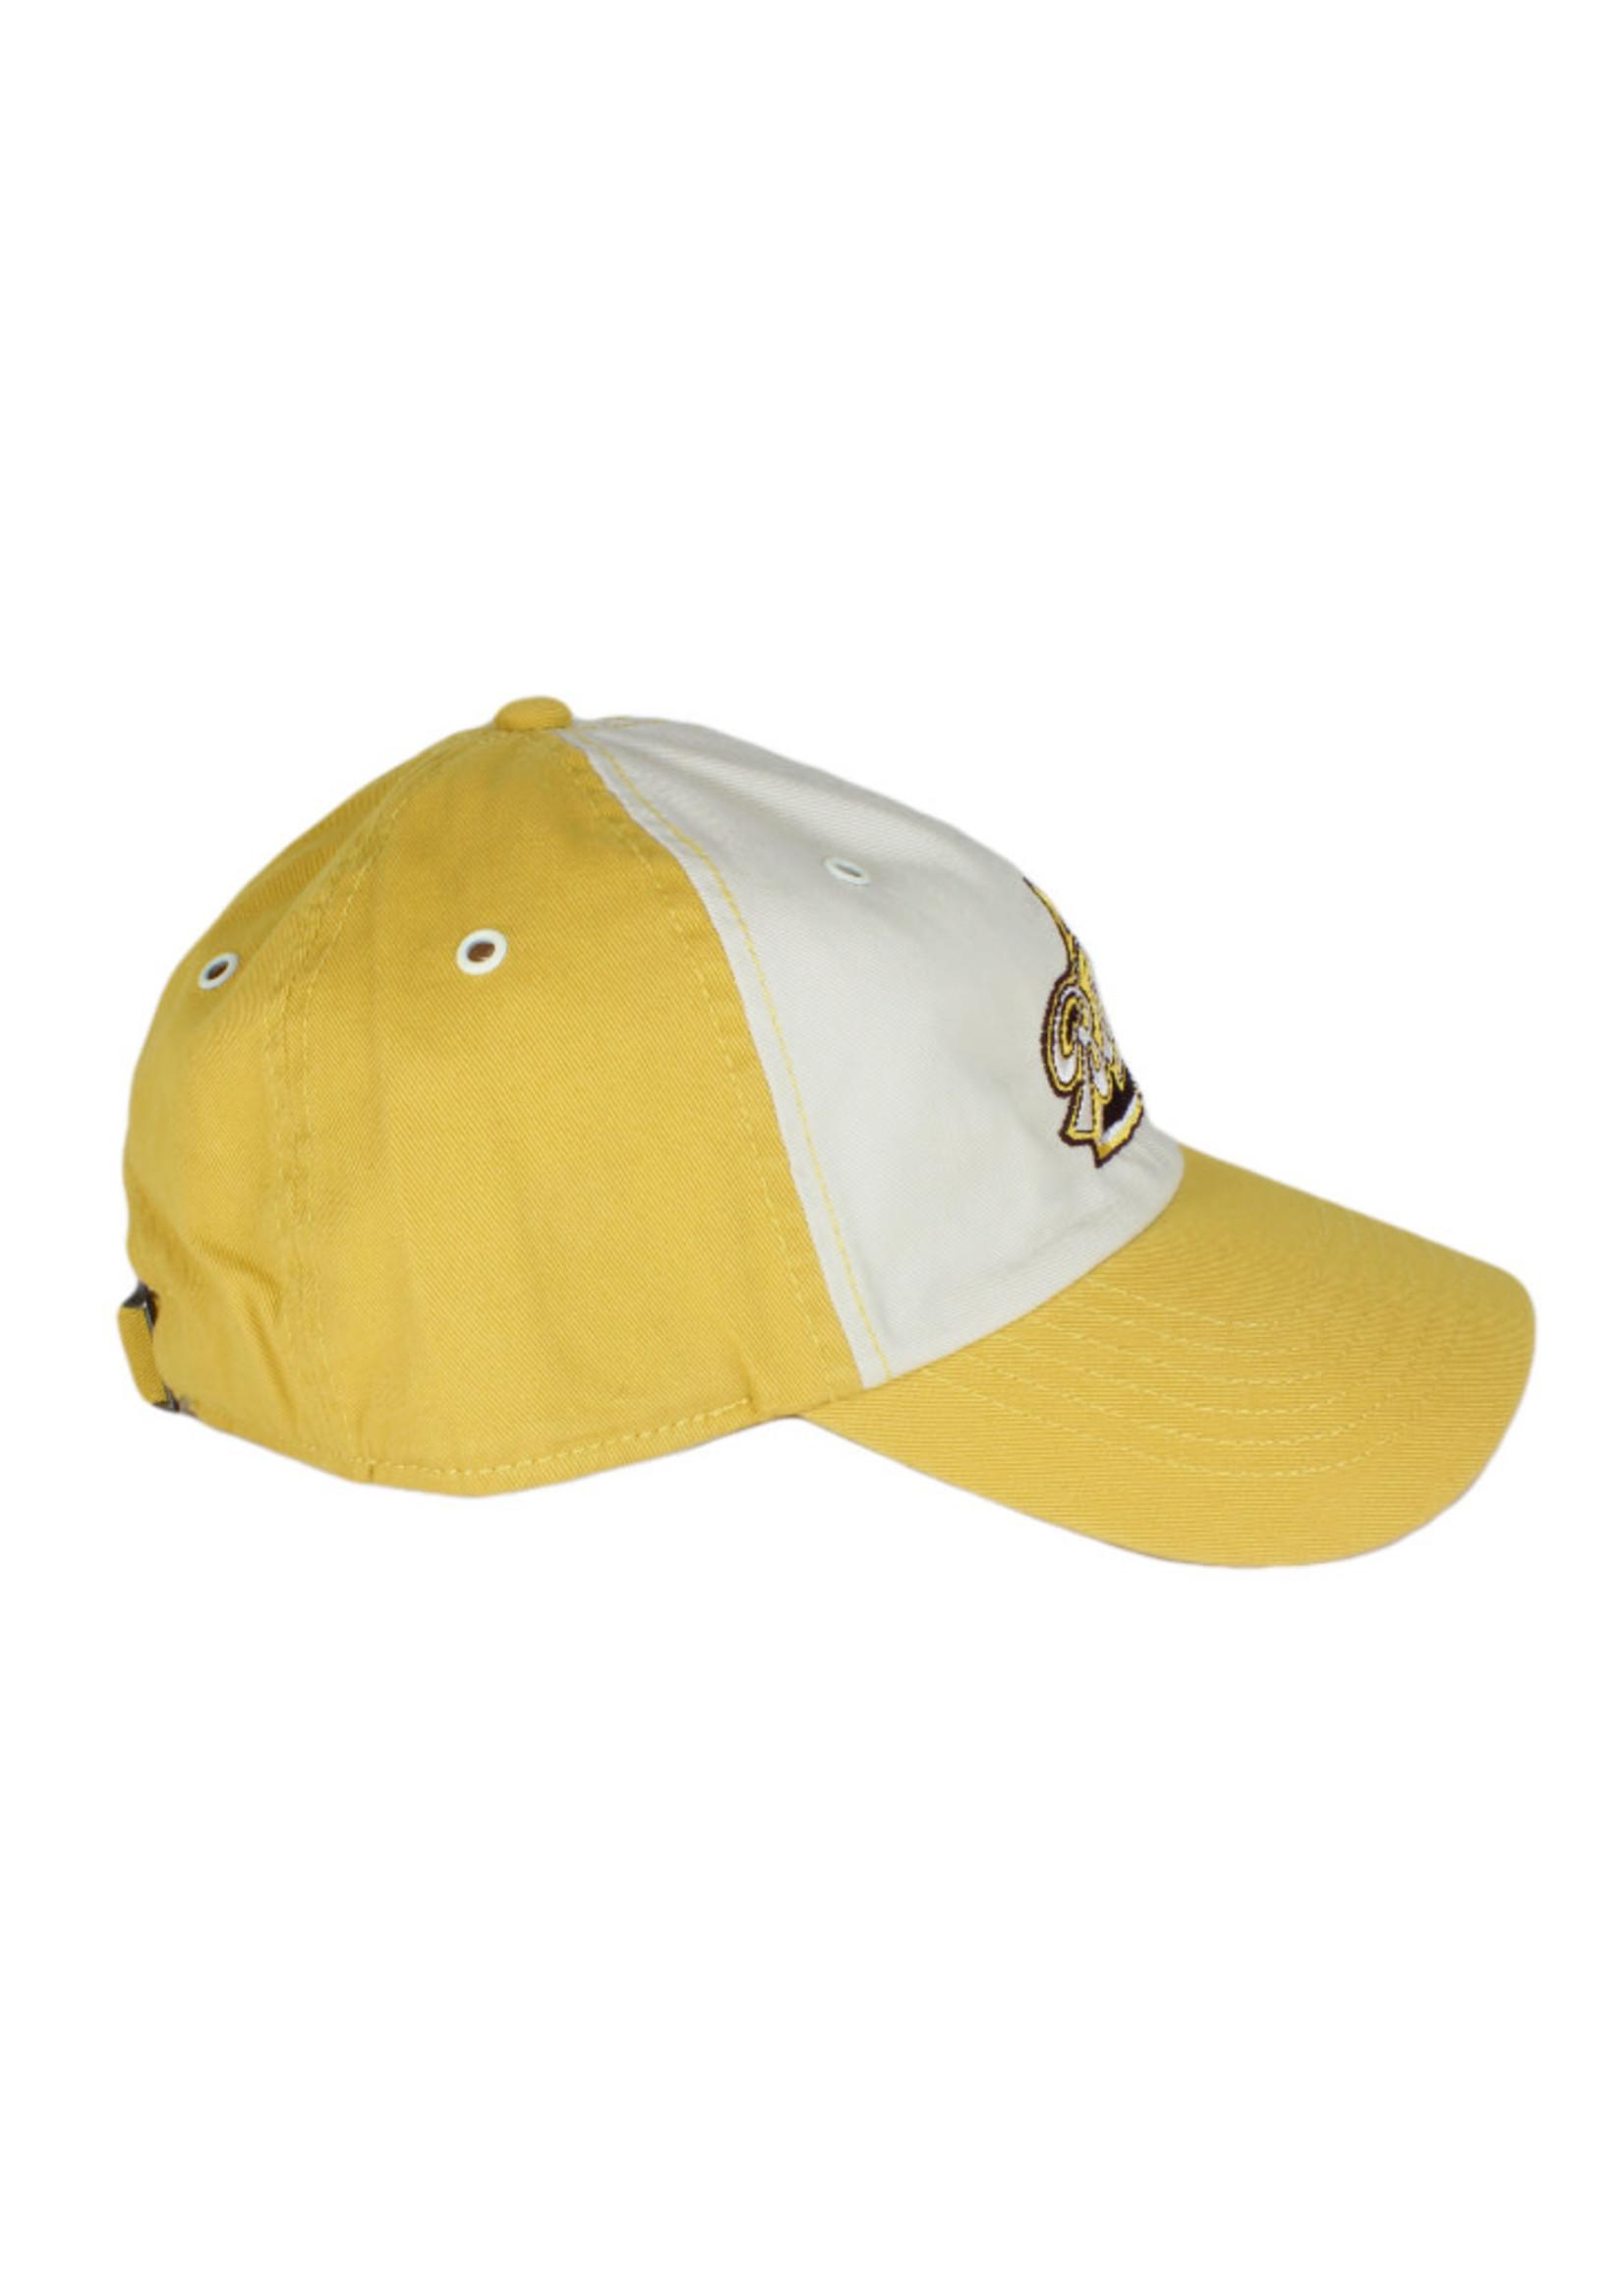 Blatz Blatz Yellow Cap